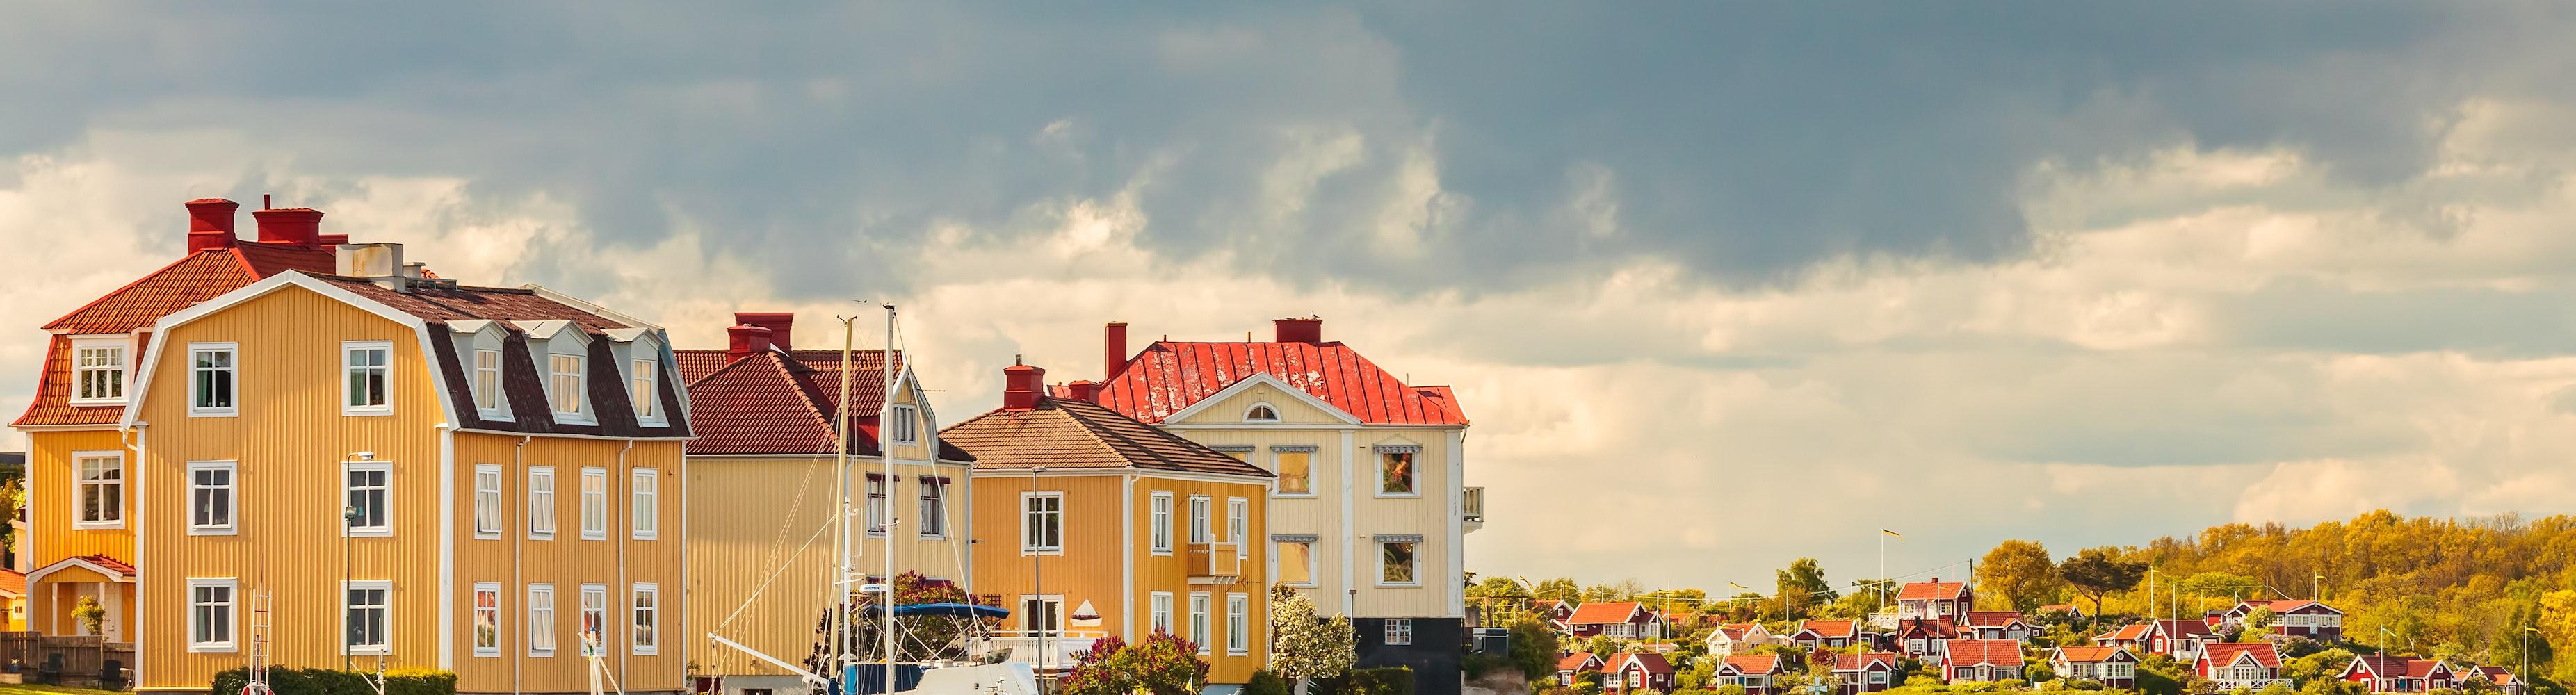 hamn gula hus båtar